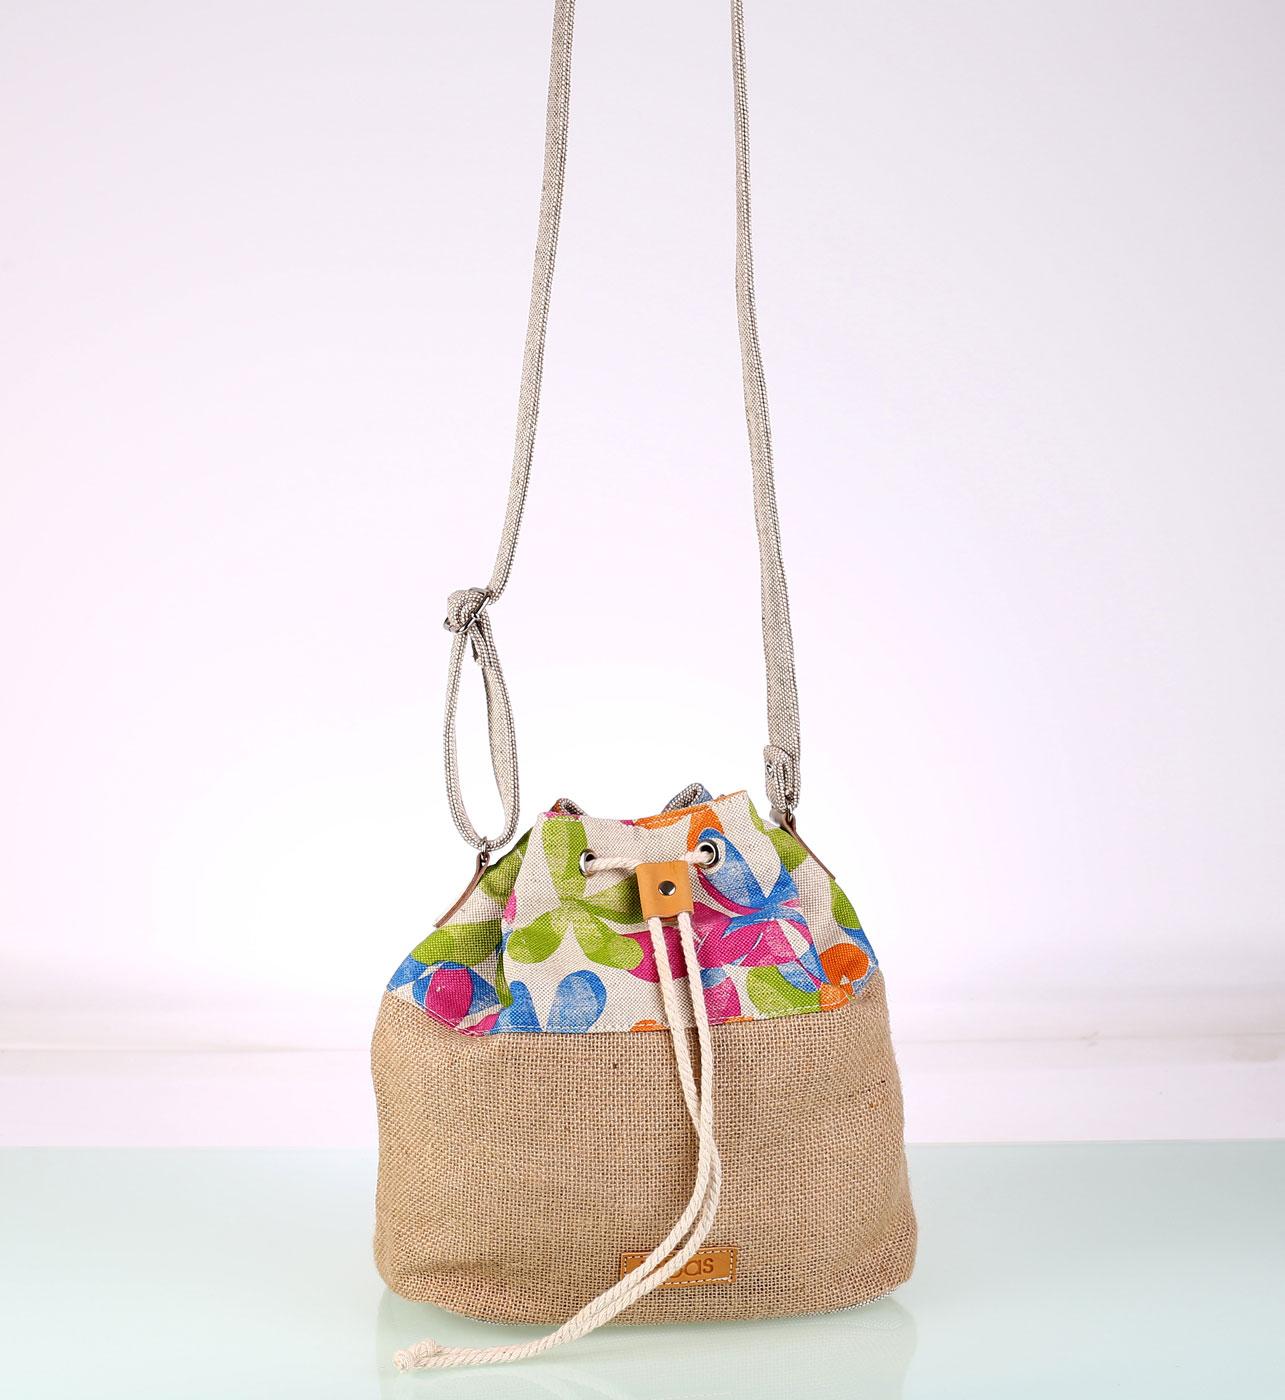 Kabelka Kbas rameno juta plátno batoh kvetinový 4d1971bfba2